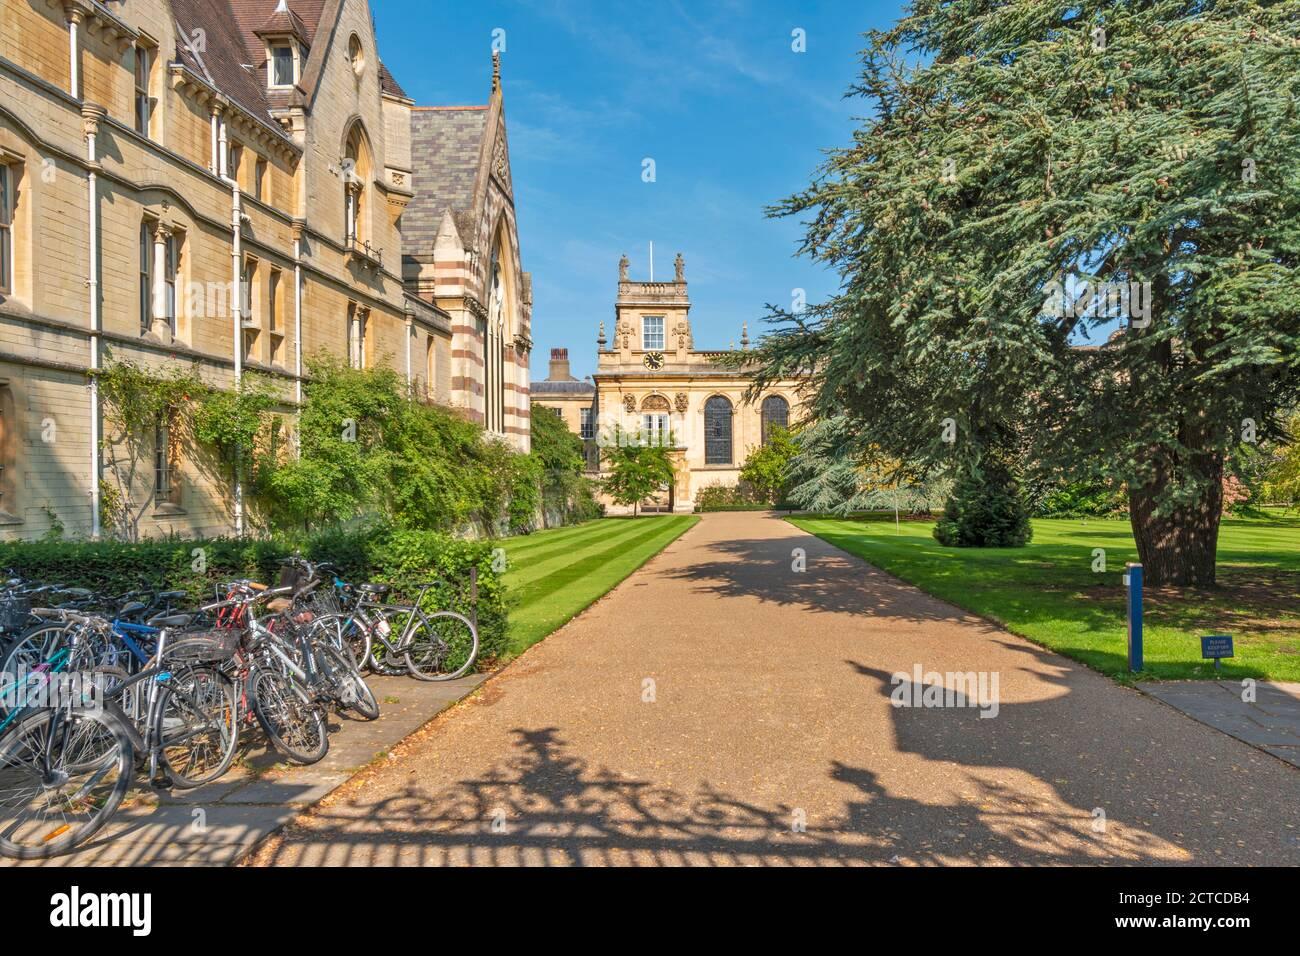 OXFORD CITY ENGLAND BALLIOL COLLEGE MIRANDO A TRAVÉS DE LAS PUERTAS LOS JARDINES Foto de stock